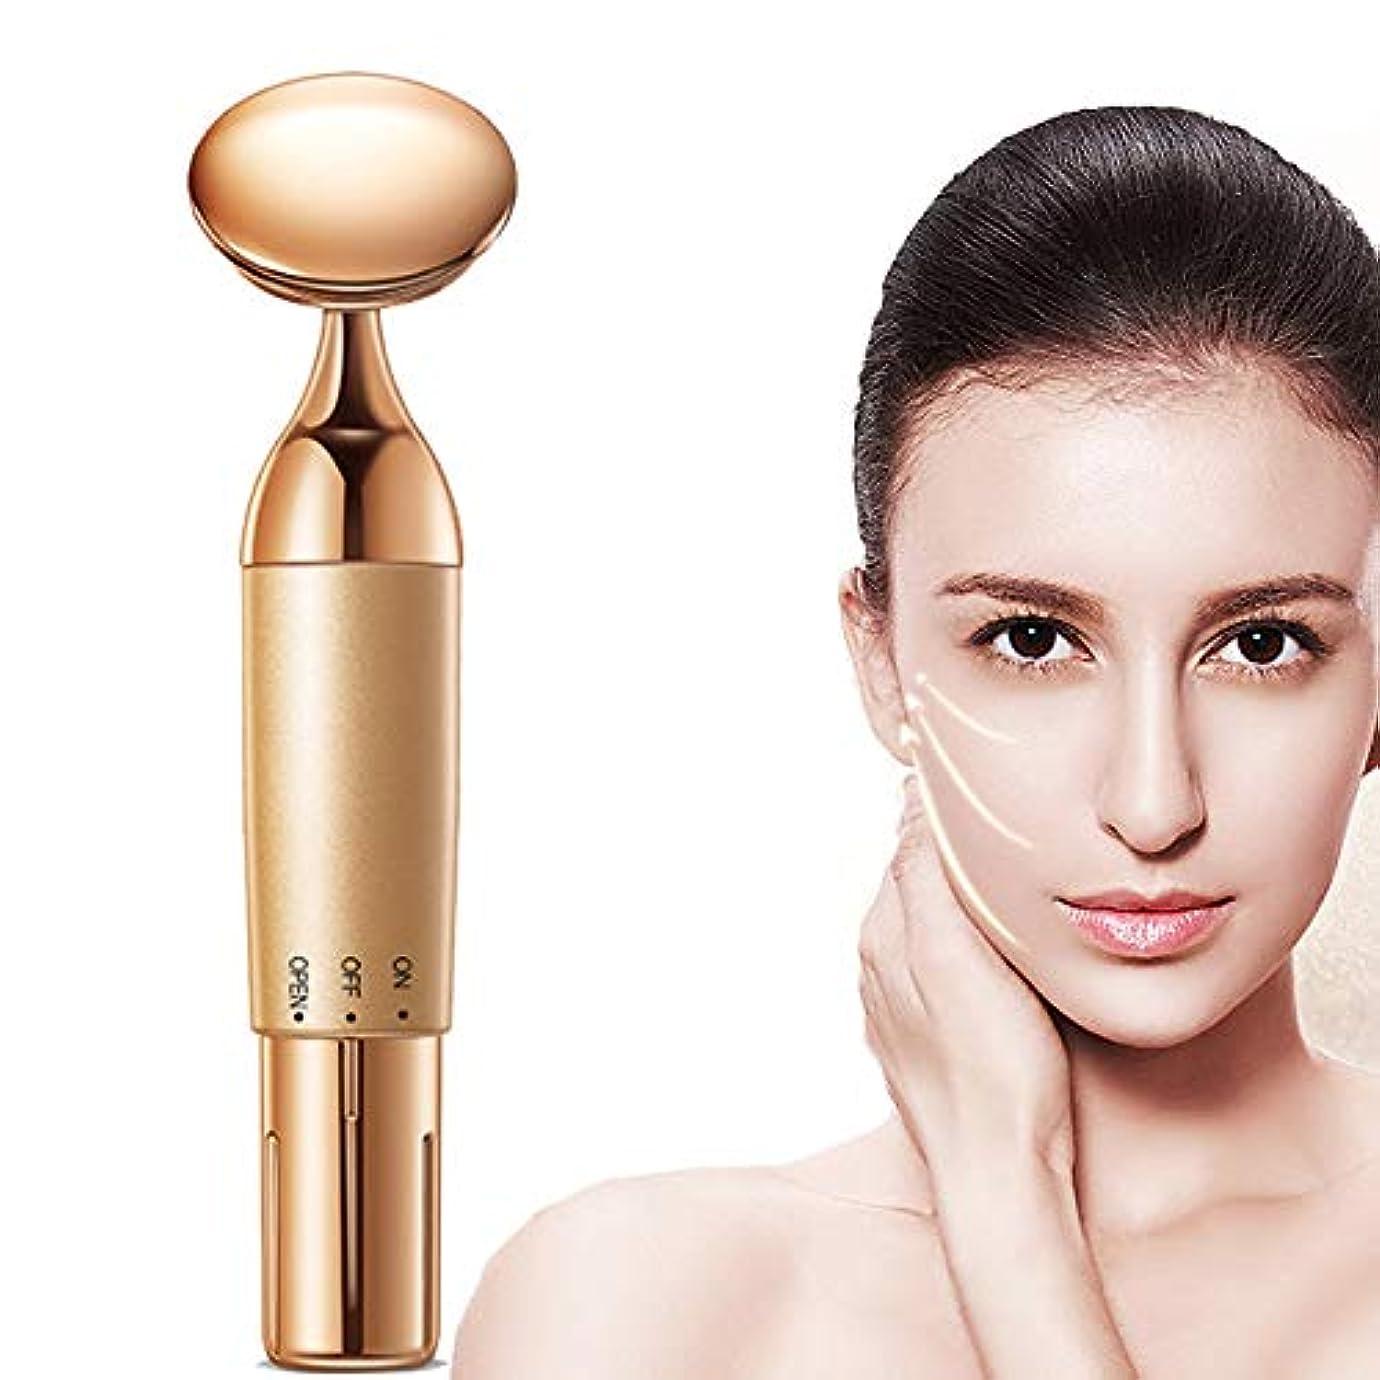 分類クッション敬なRF lifting device Facial beauty massager facial lifting firming wrinkle removal eye bags roller